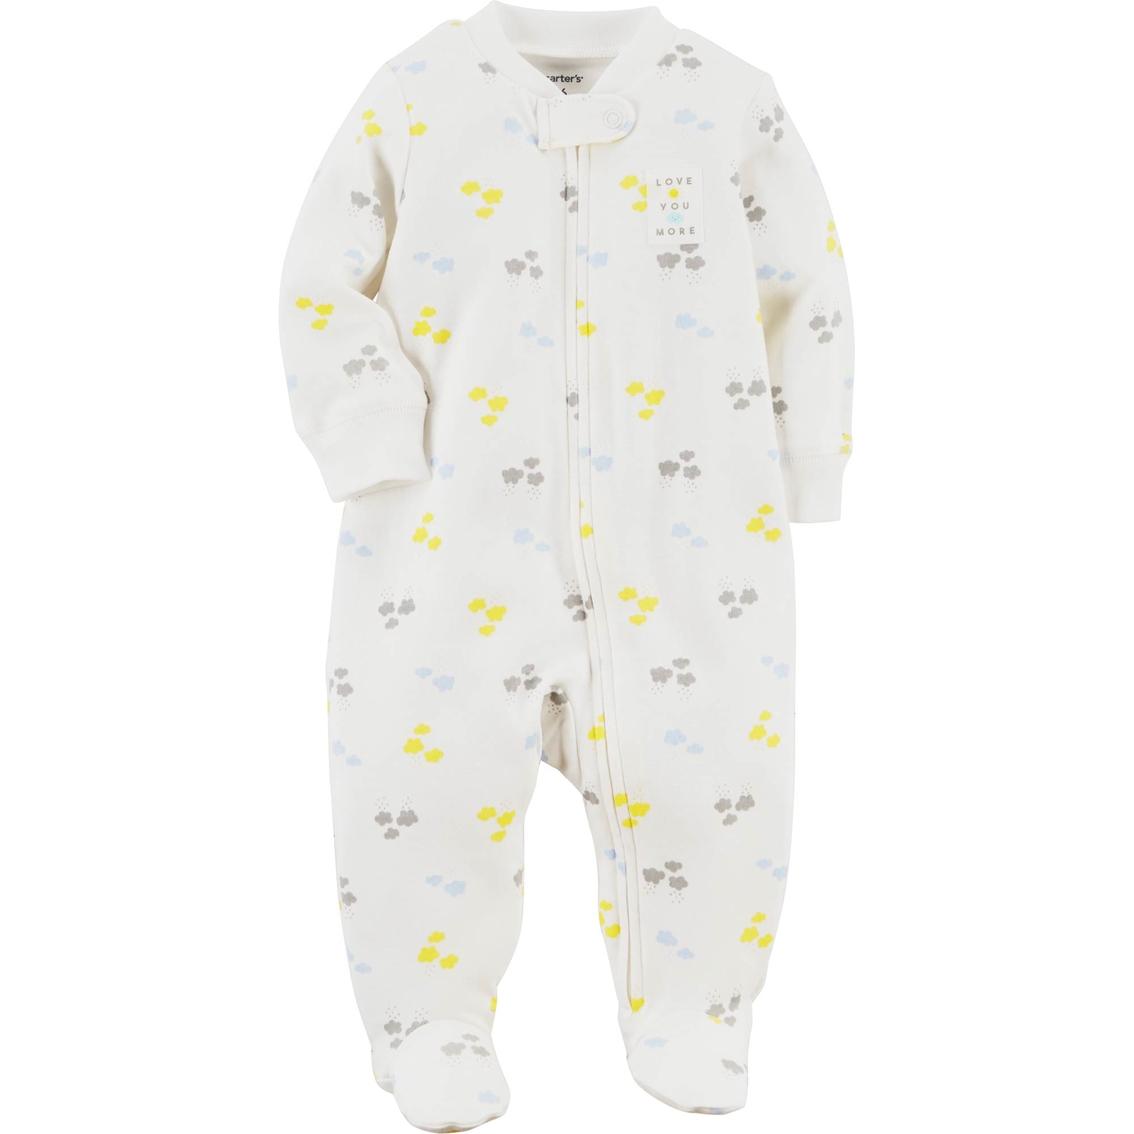 1f5a23be6 Carter s Infant Boys Cloud Zip Up Sleeper